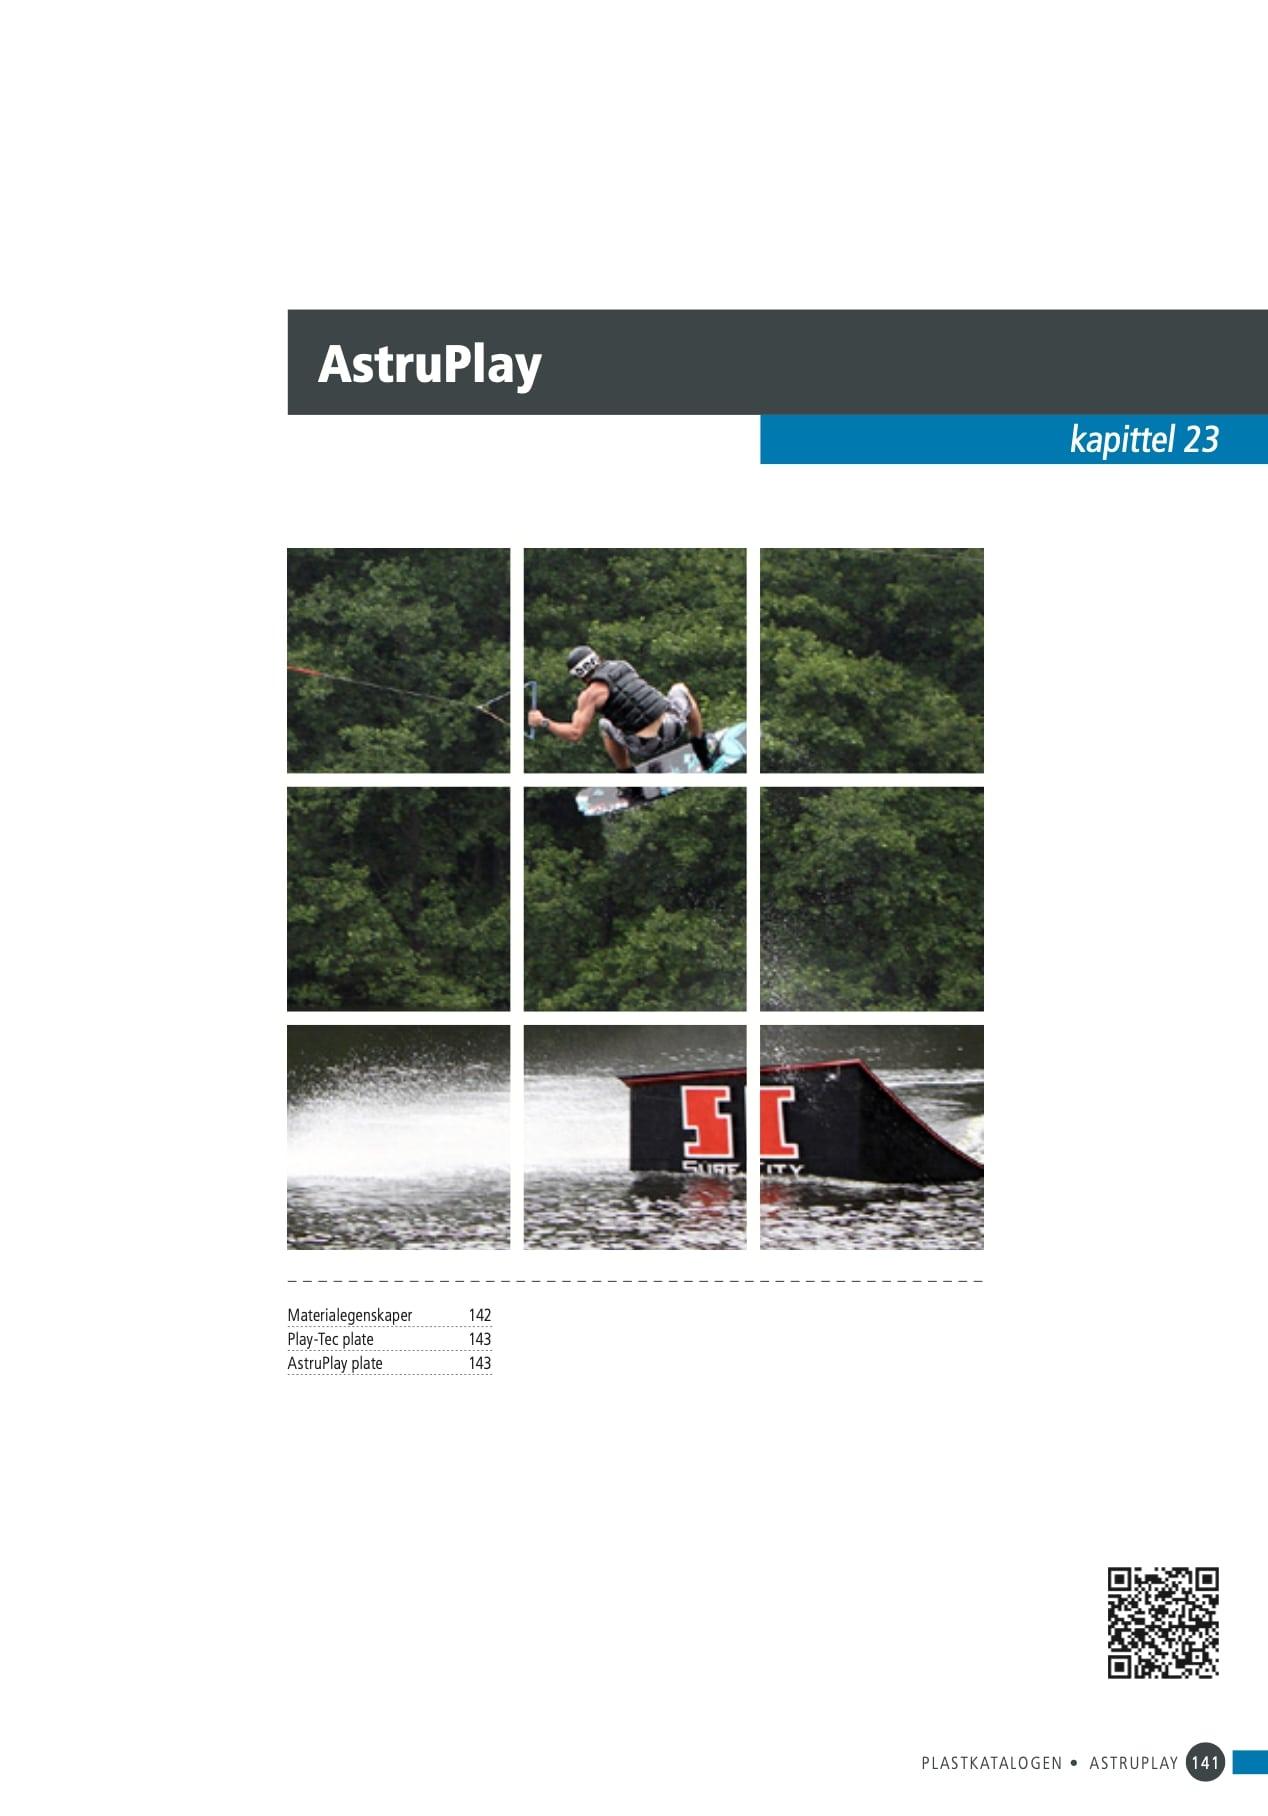 23. AstruPlay